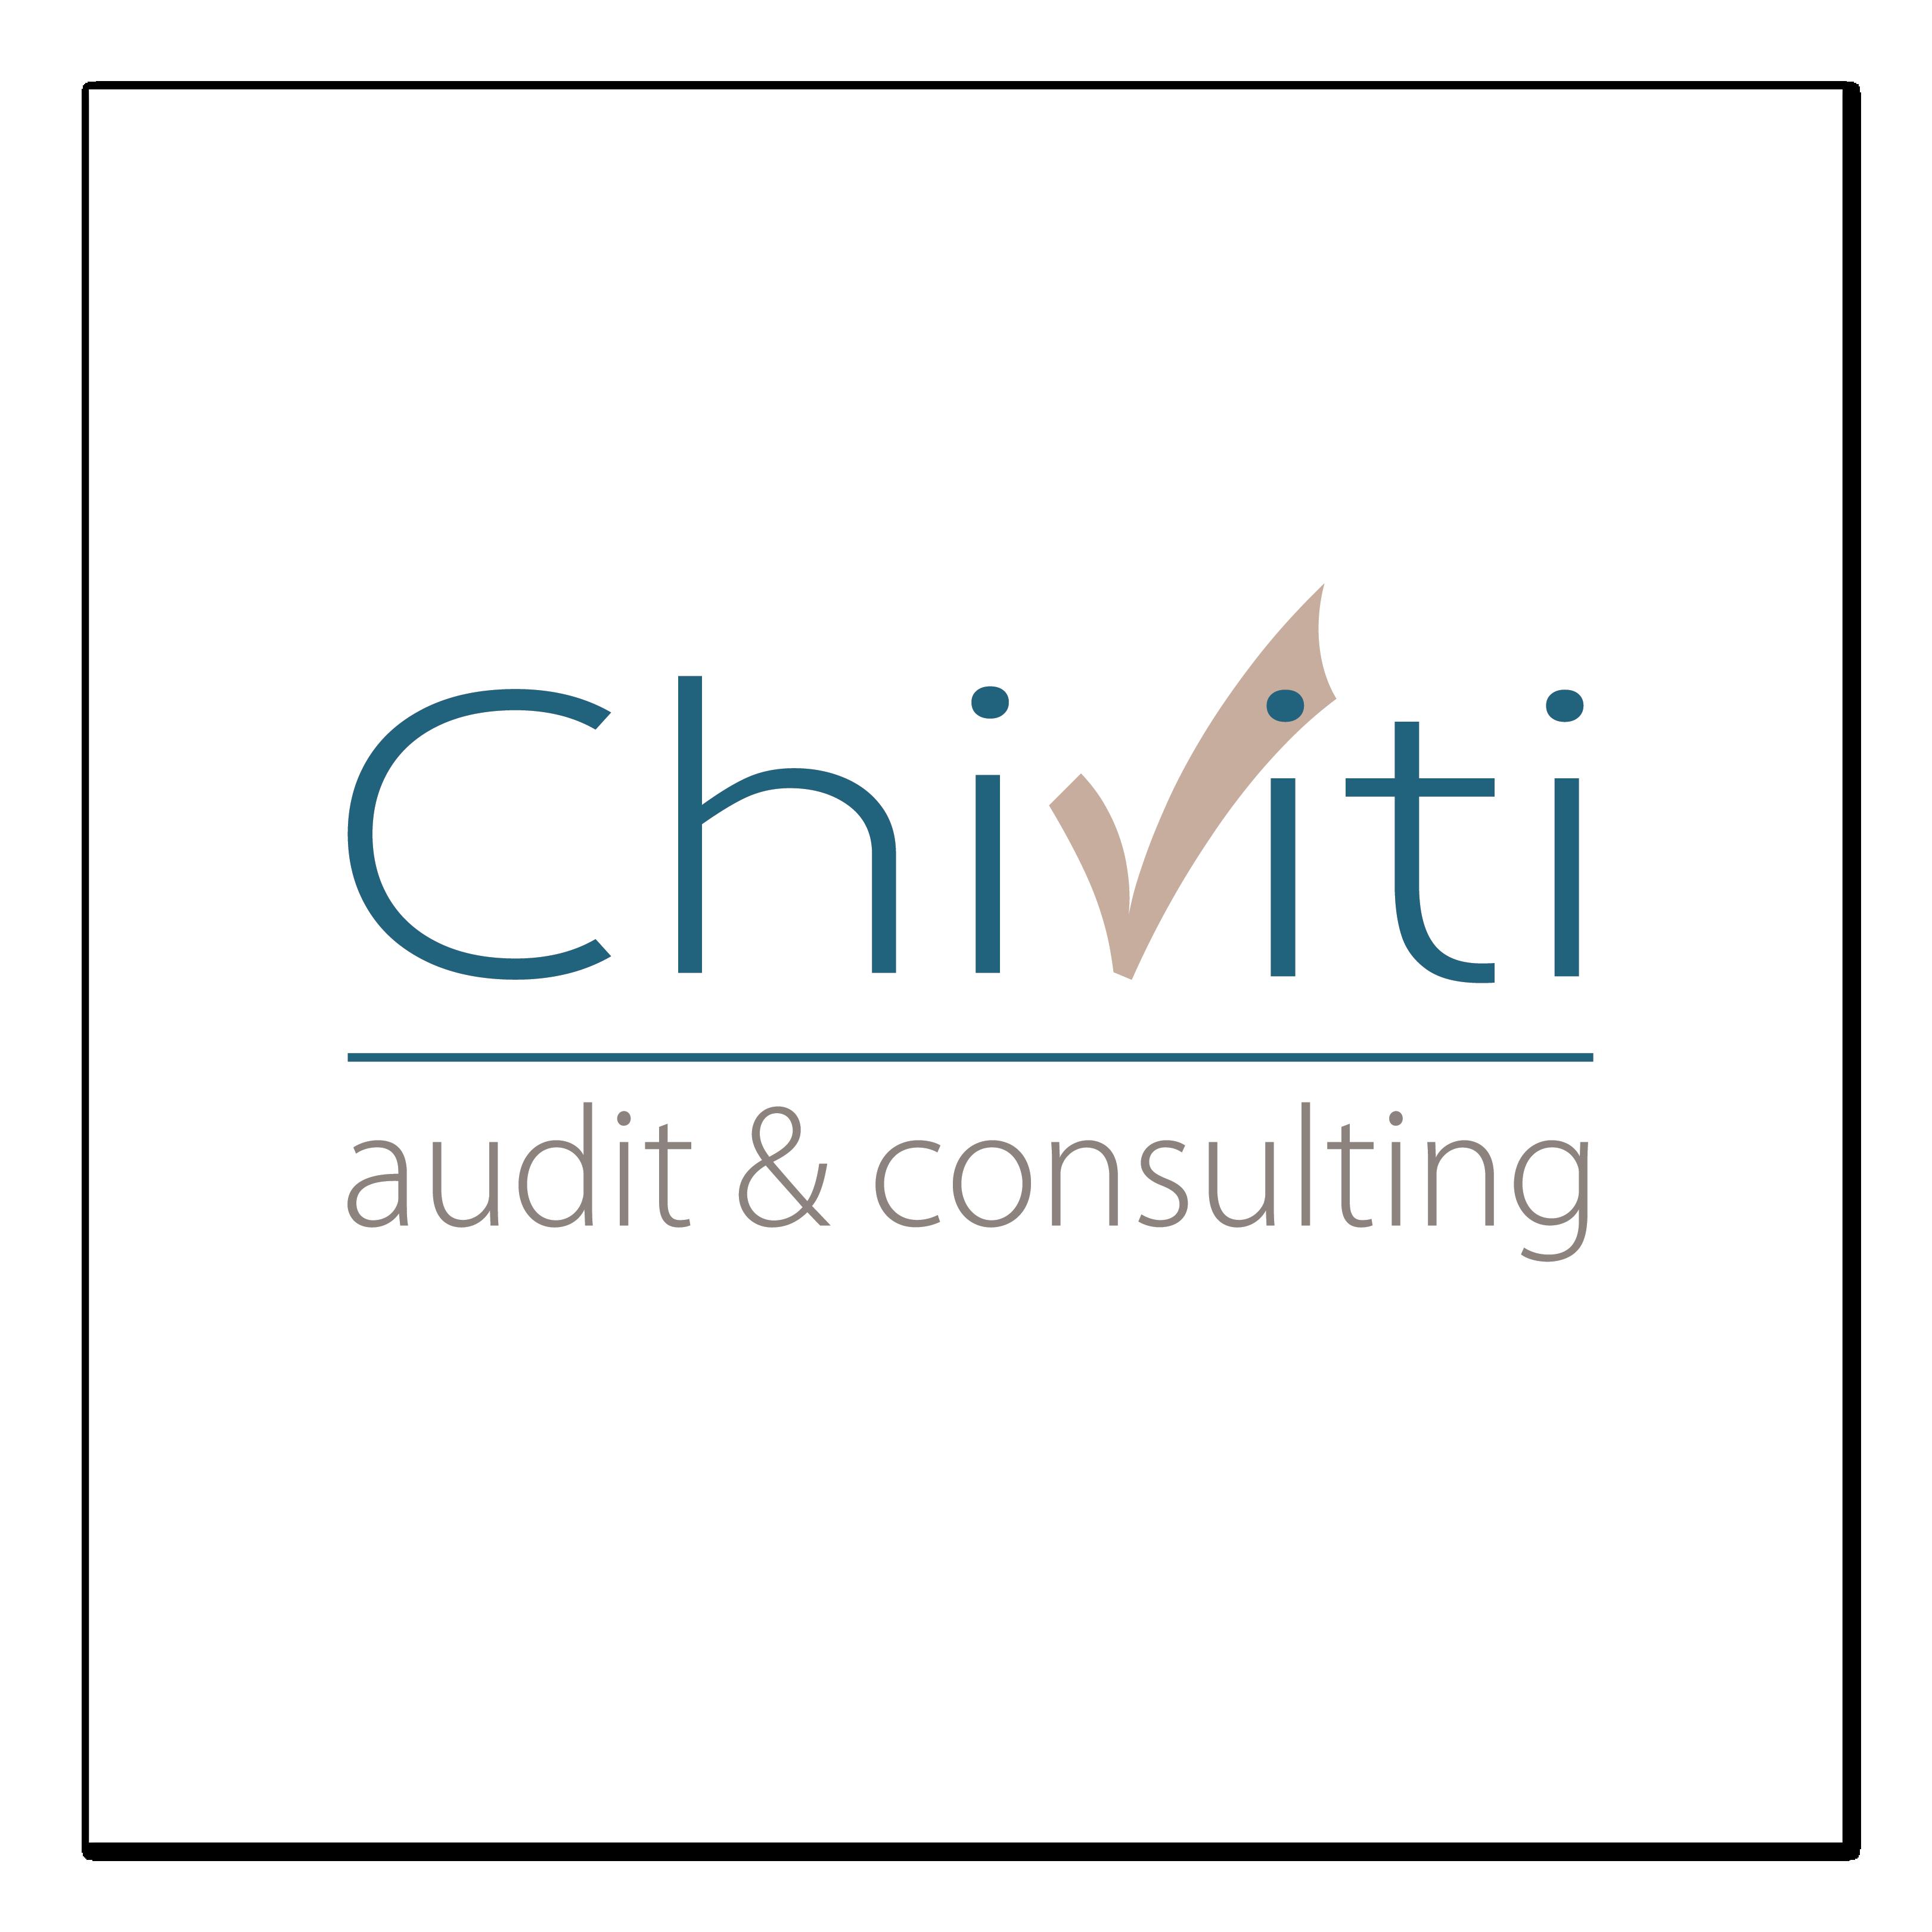 Chiviti audit & consulting ∙ Anne-Marie Prat ∙ Design graphique et web